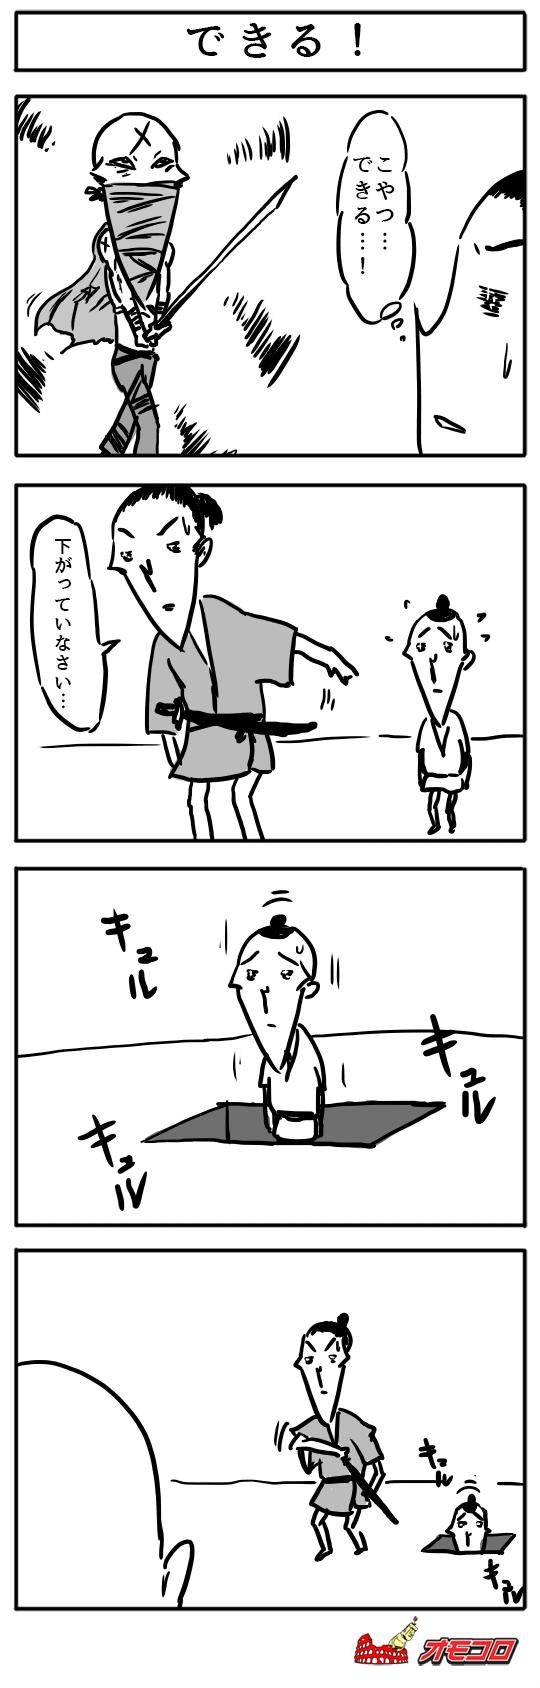 4コマ漫画「できる!」